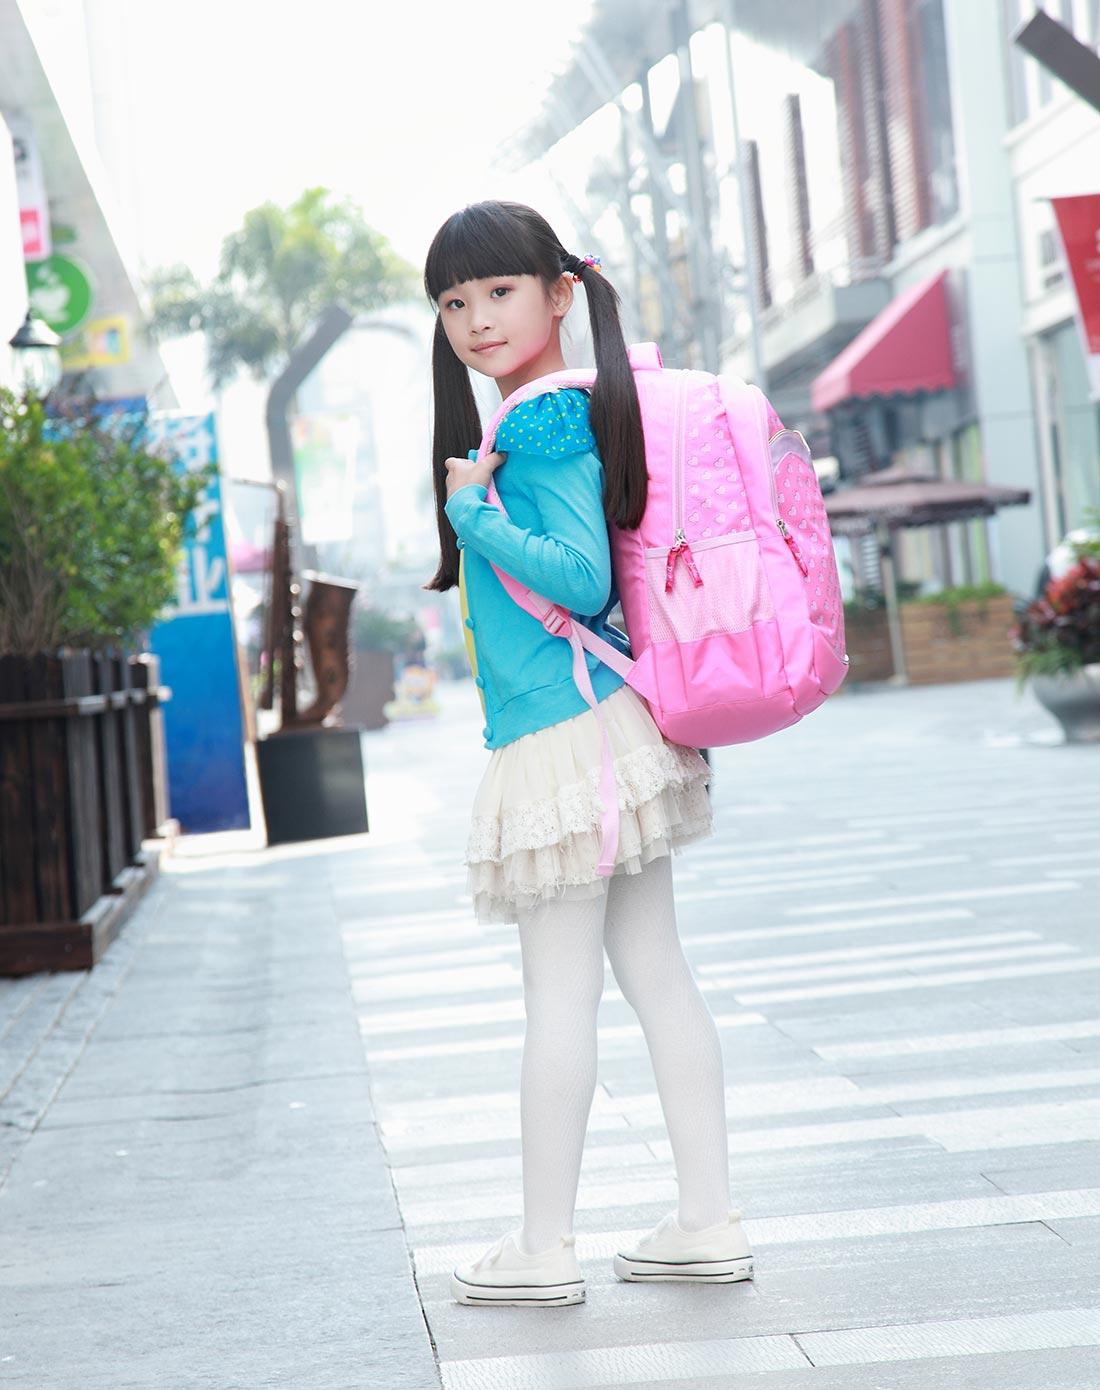 kadnoo 014新款芭比专柜正品书包小学生3-6年级儿童书包韩版双肩背包